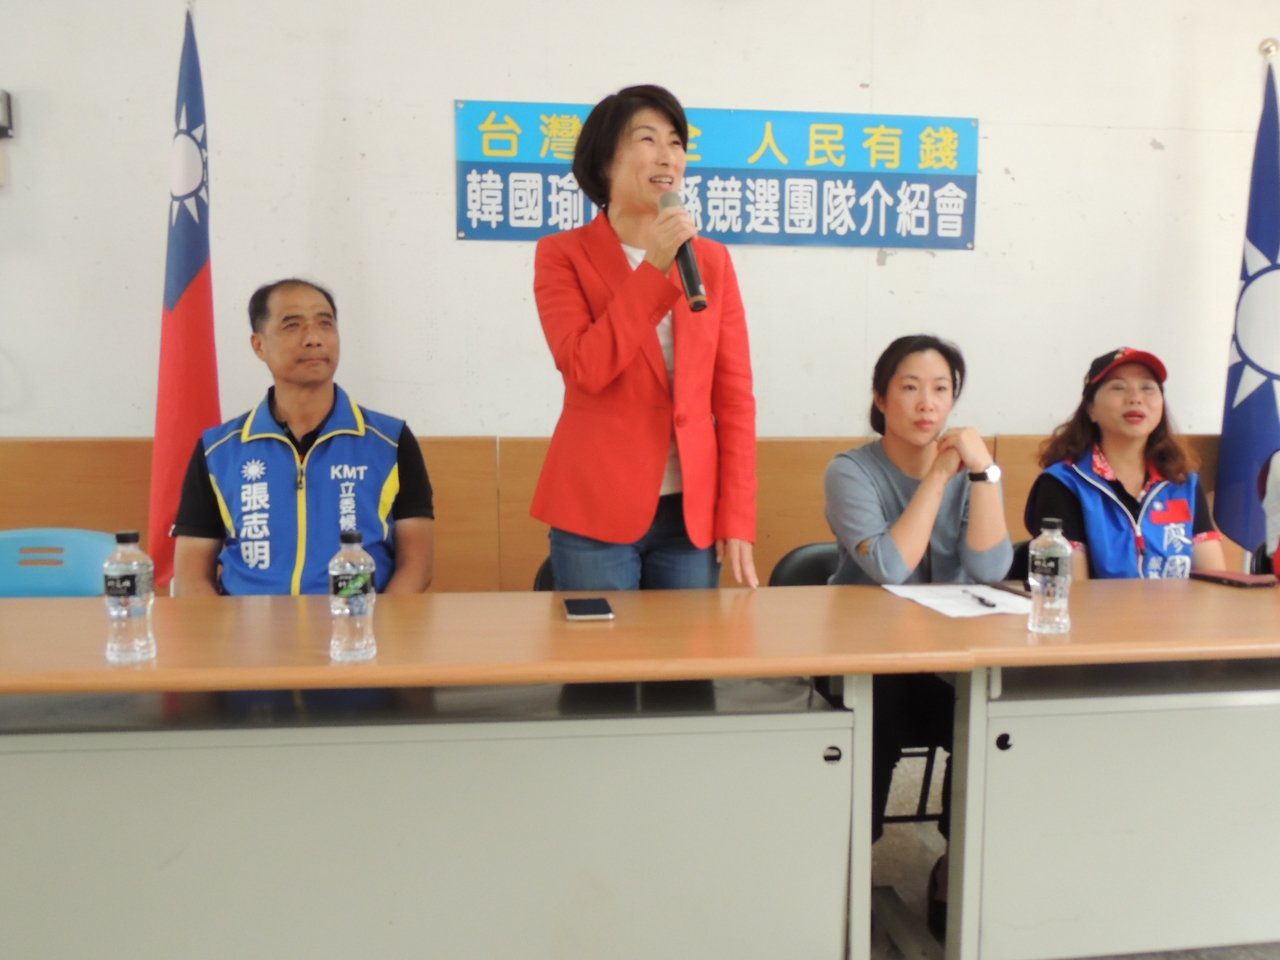 台東縣長饒慶鈴確定出任韓國瑜台東縣競選總部主委。記者羅紹平/攝影